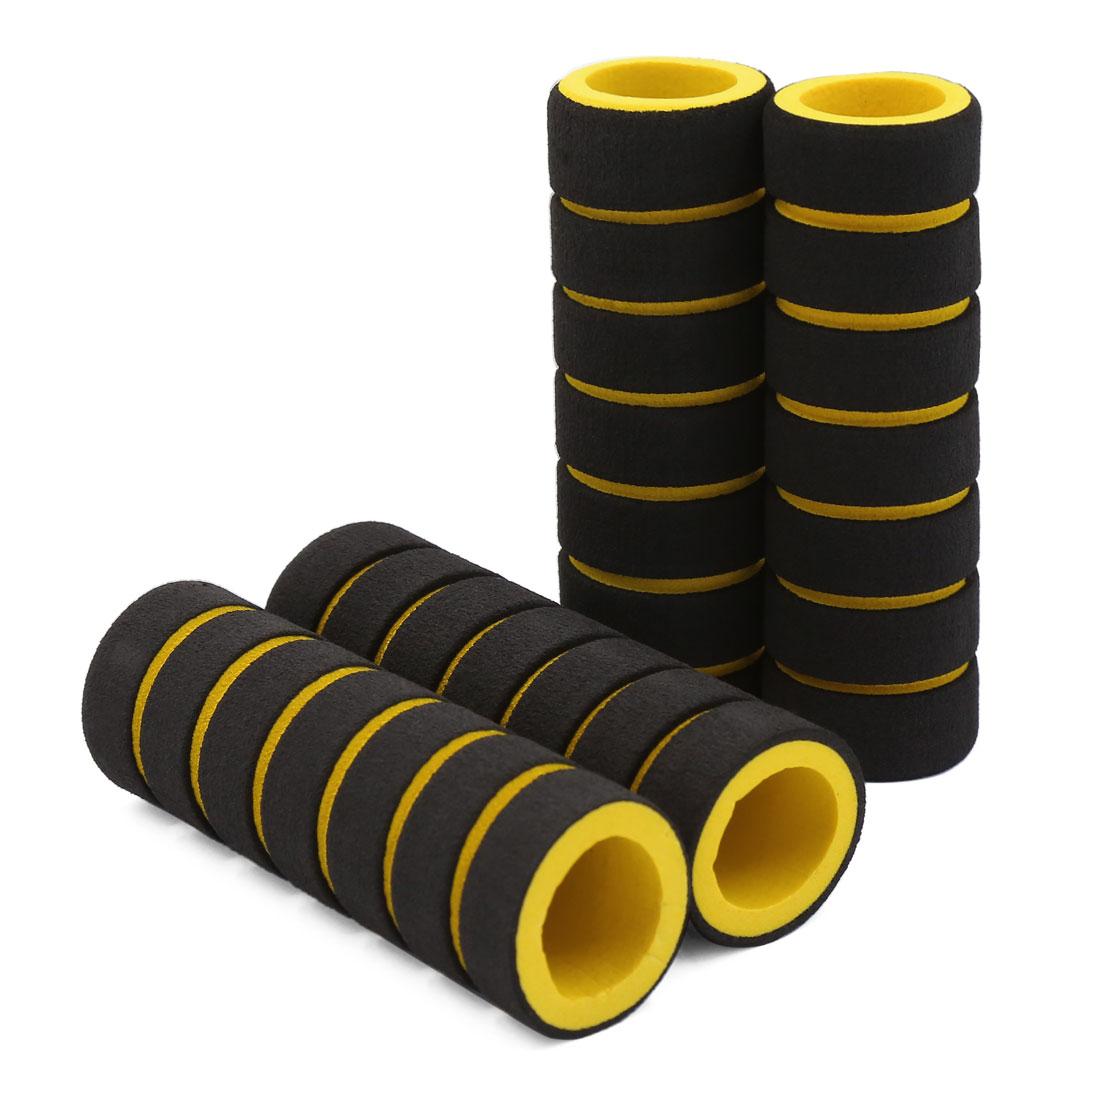 4pcs 22mm Inner Dia Antislip Handlebar Soft Sponge Cover Black Yellow for Bike Motorcycle